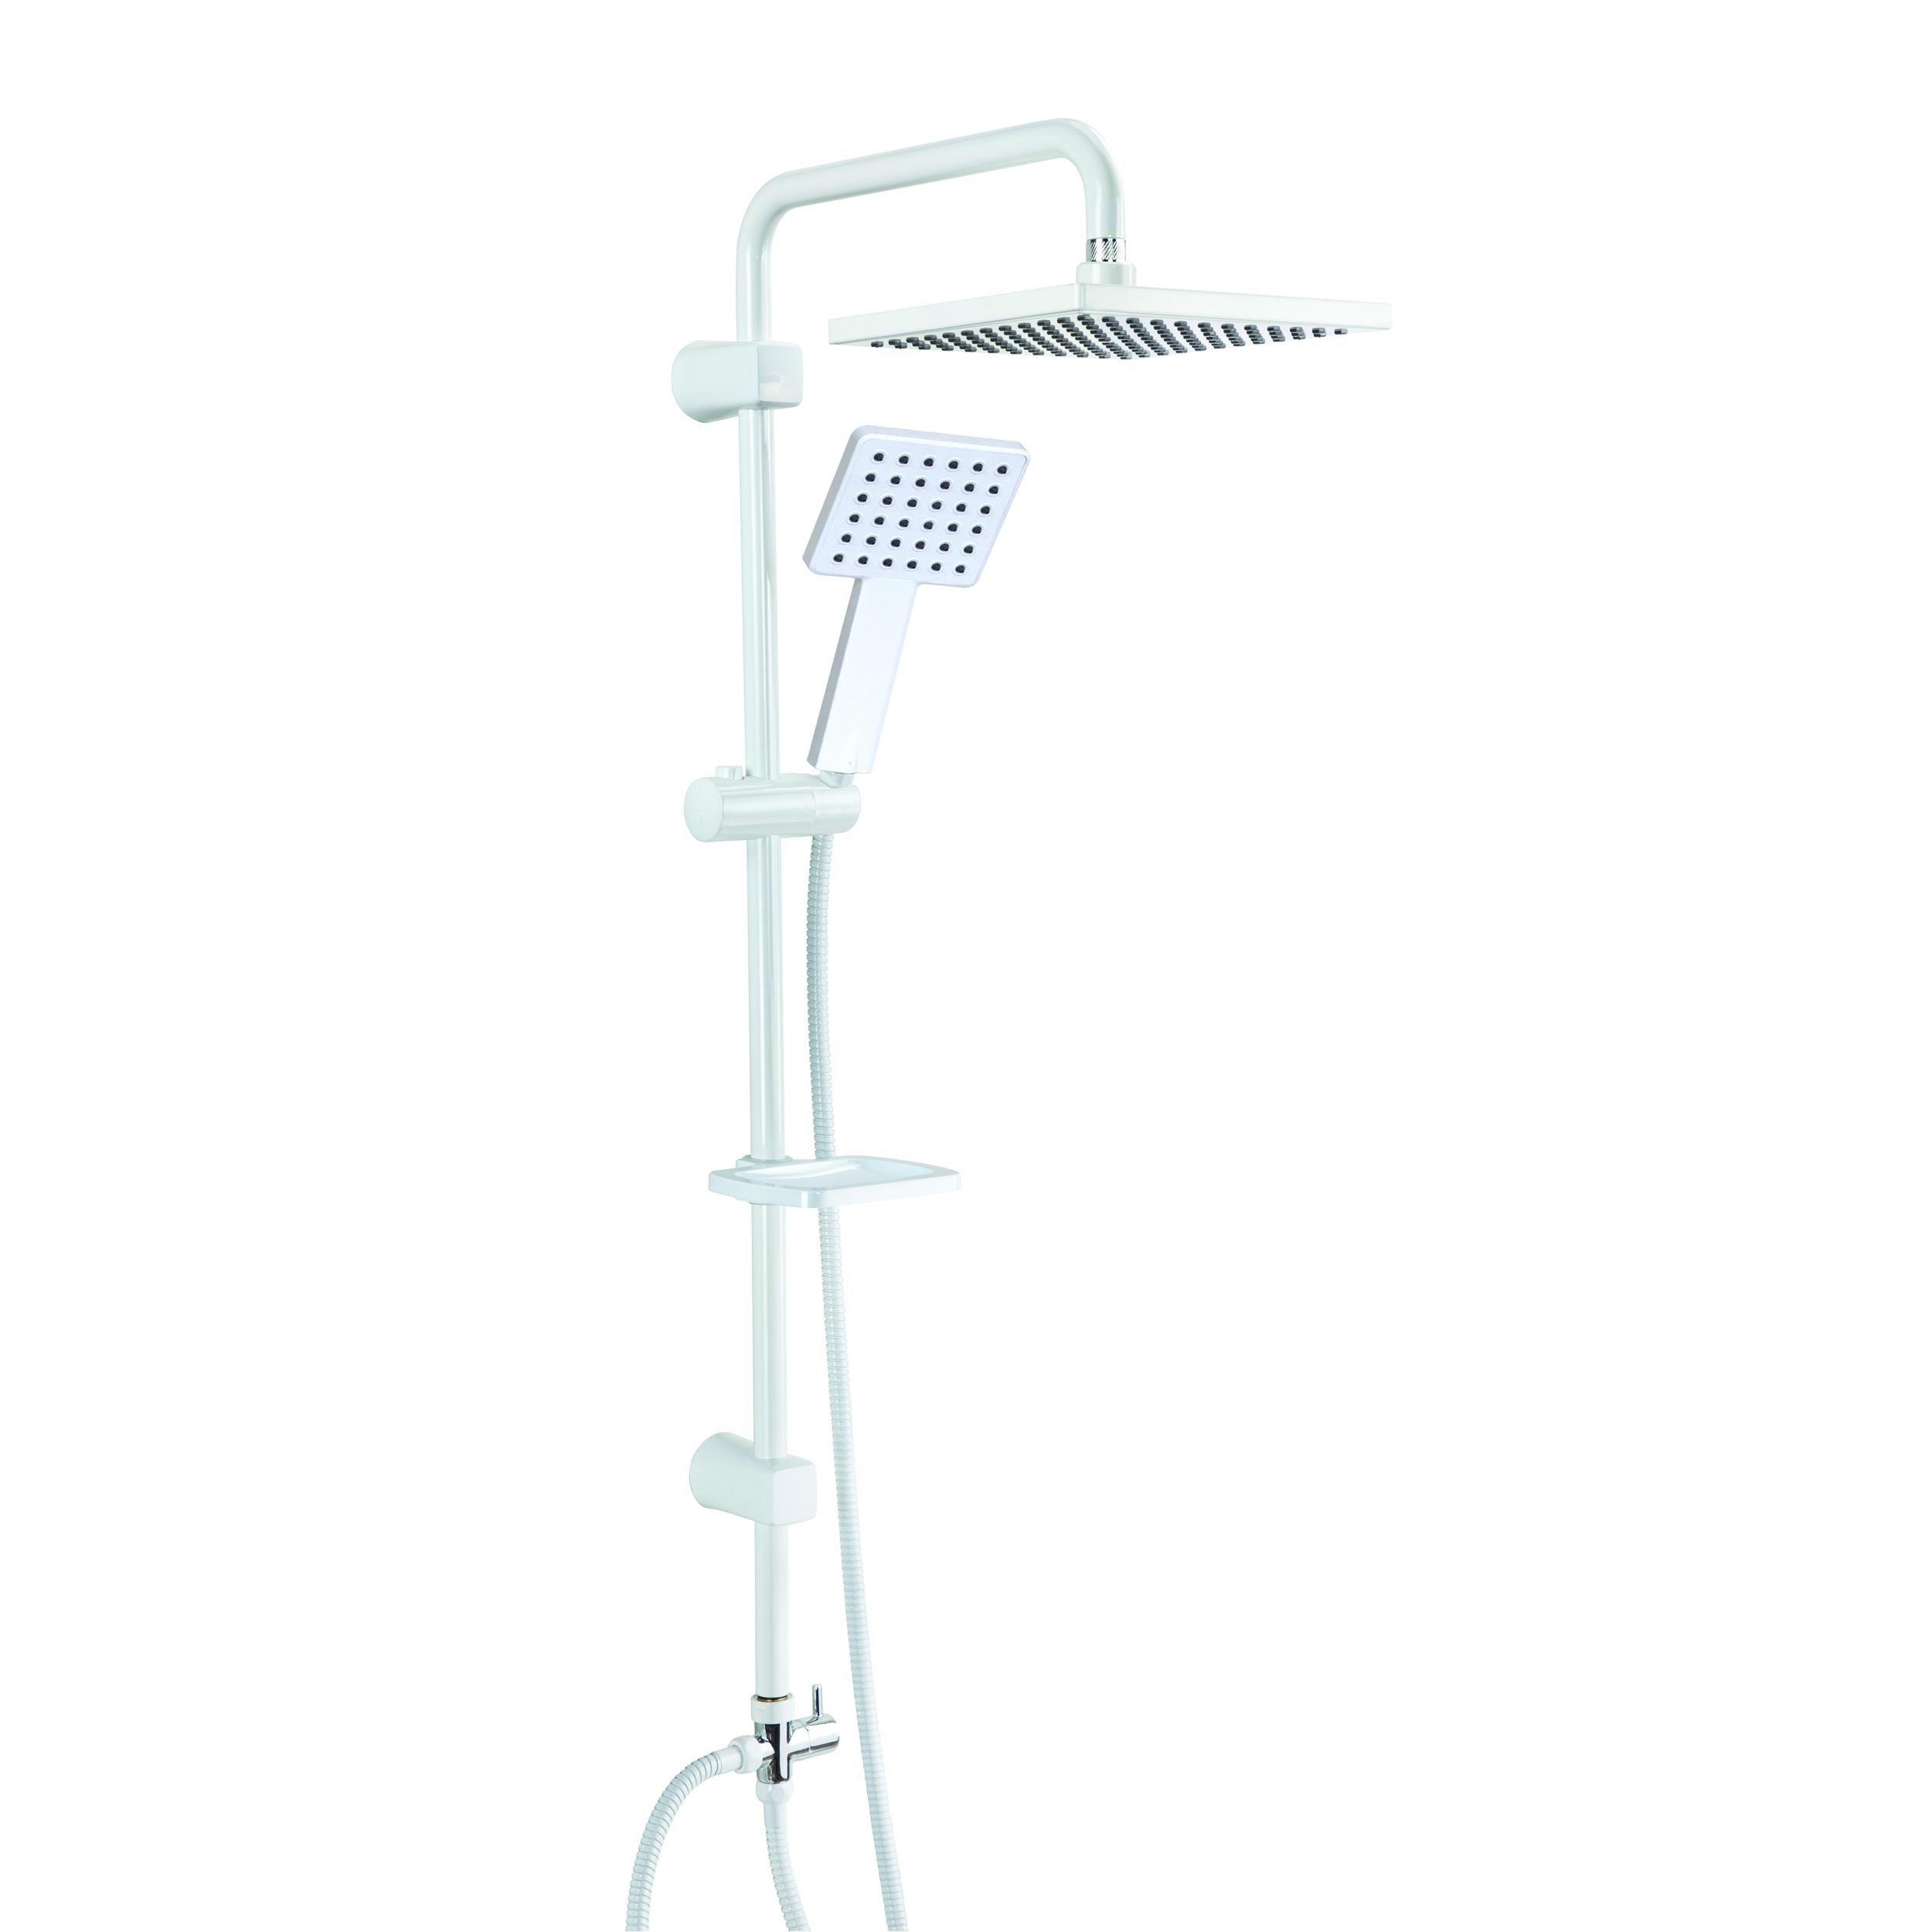 دوش حمام دلمون کد 421              خرید و قیمت